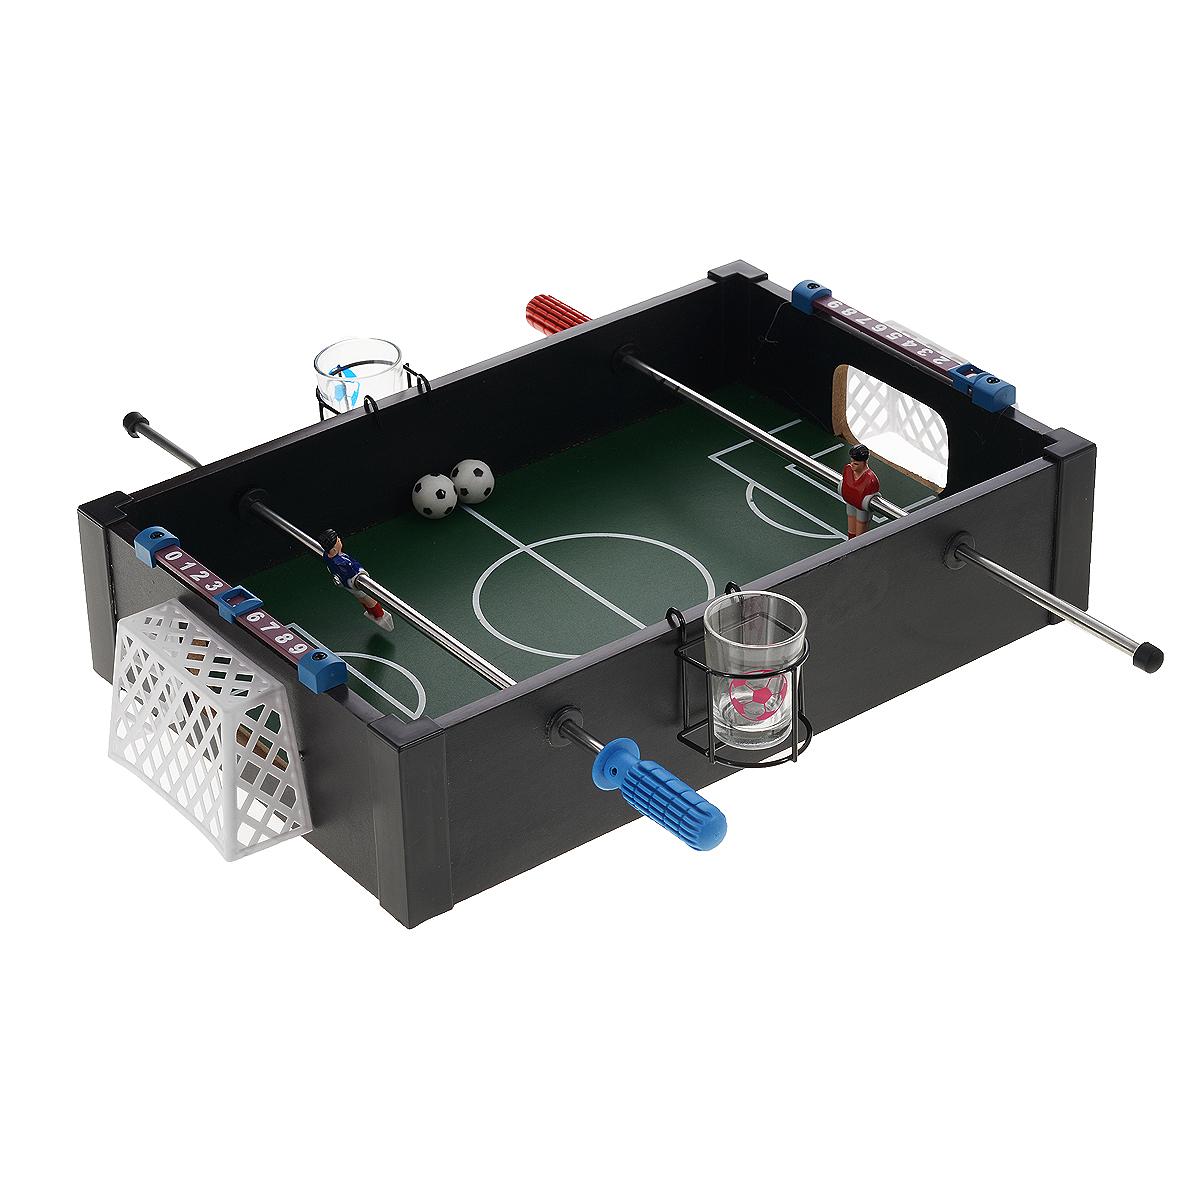 Игра настольная Русские Подарки Футбол, размер: 40*38*8 см. 4242742427Настольная игра Русские Подарки Футбол, выполненная из MDF, очень увлекательна. В комплект игры входят: подставка с игровым полем, два рычага, на каждом по одной фигурке футболиста, два мячика, двое пластиковых ворот, две стопки в специальных металлических корзинах для подвешивания к бортам игрового поля и инструкция на русском языке. На бортах игрового поля предусмотрены два специальных табло с курсором для ведения счета. Принцип игры: при помощи рычагов по краям игрового поля игроки управляют футболистом своей команды, перебрасывают мяч с целью забить гол в ворота соперника. Шарик, попавший в ворота соперника означает, чья очередь сейчас говорить тост и пить любимые напитки!